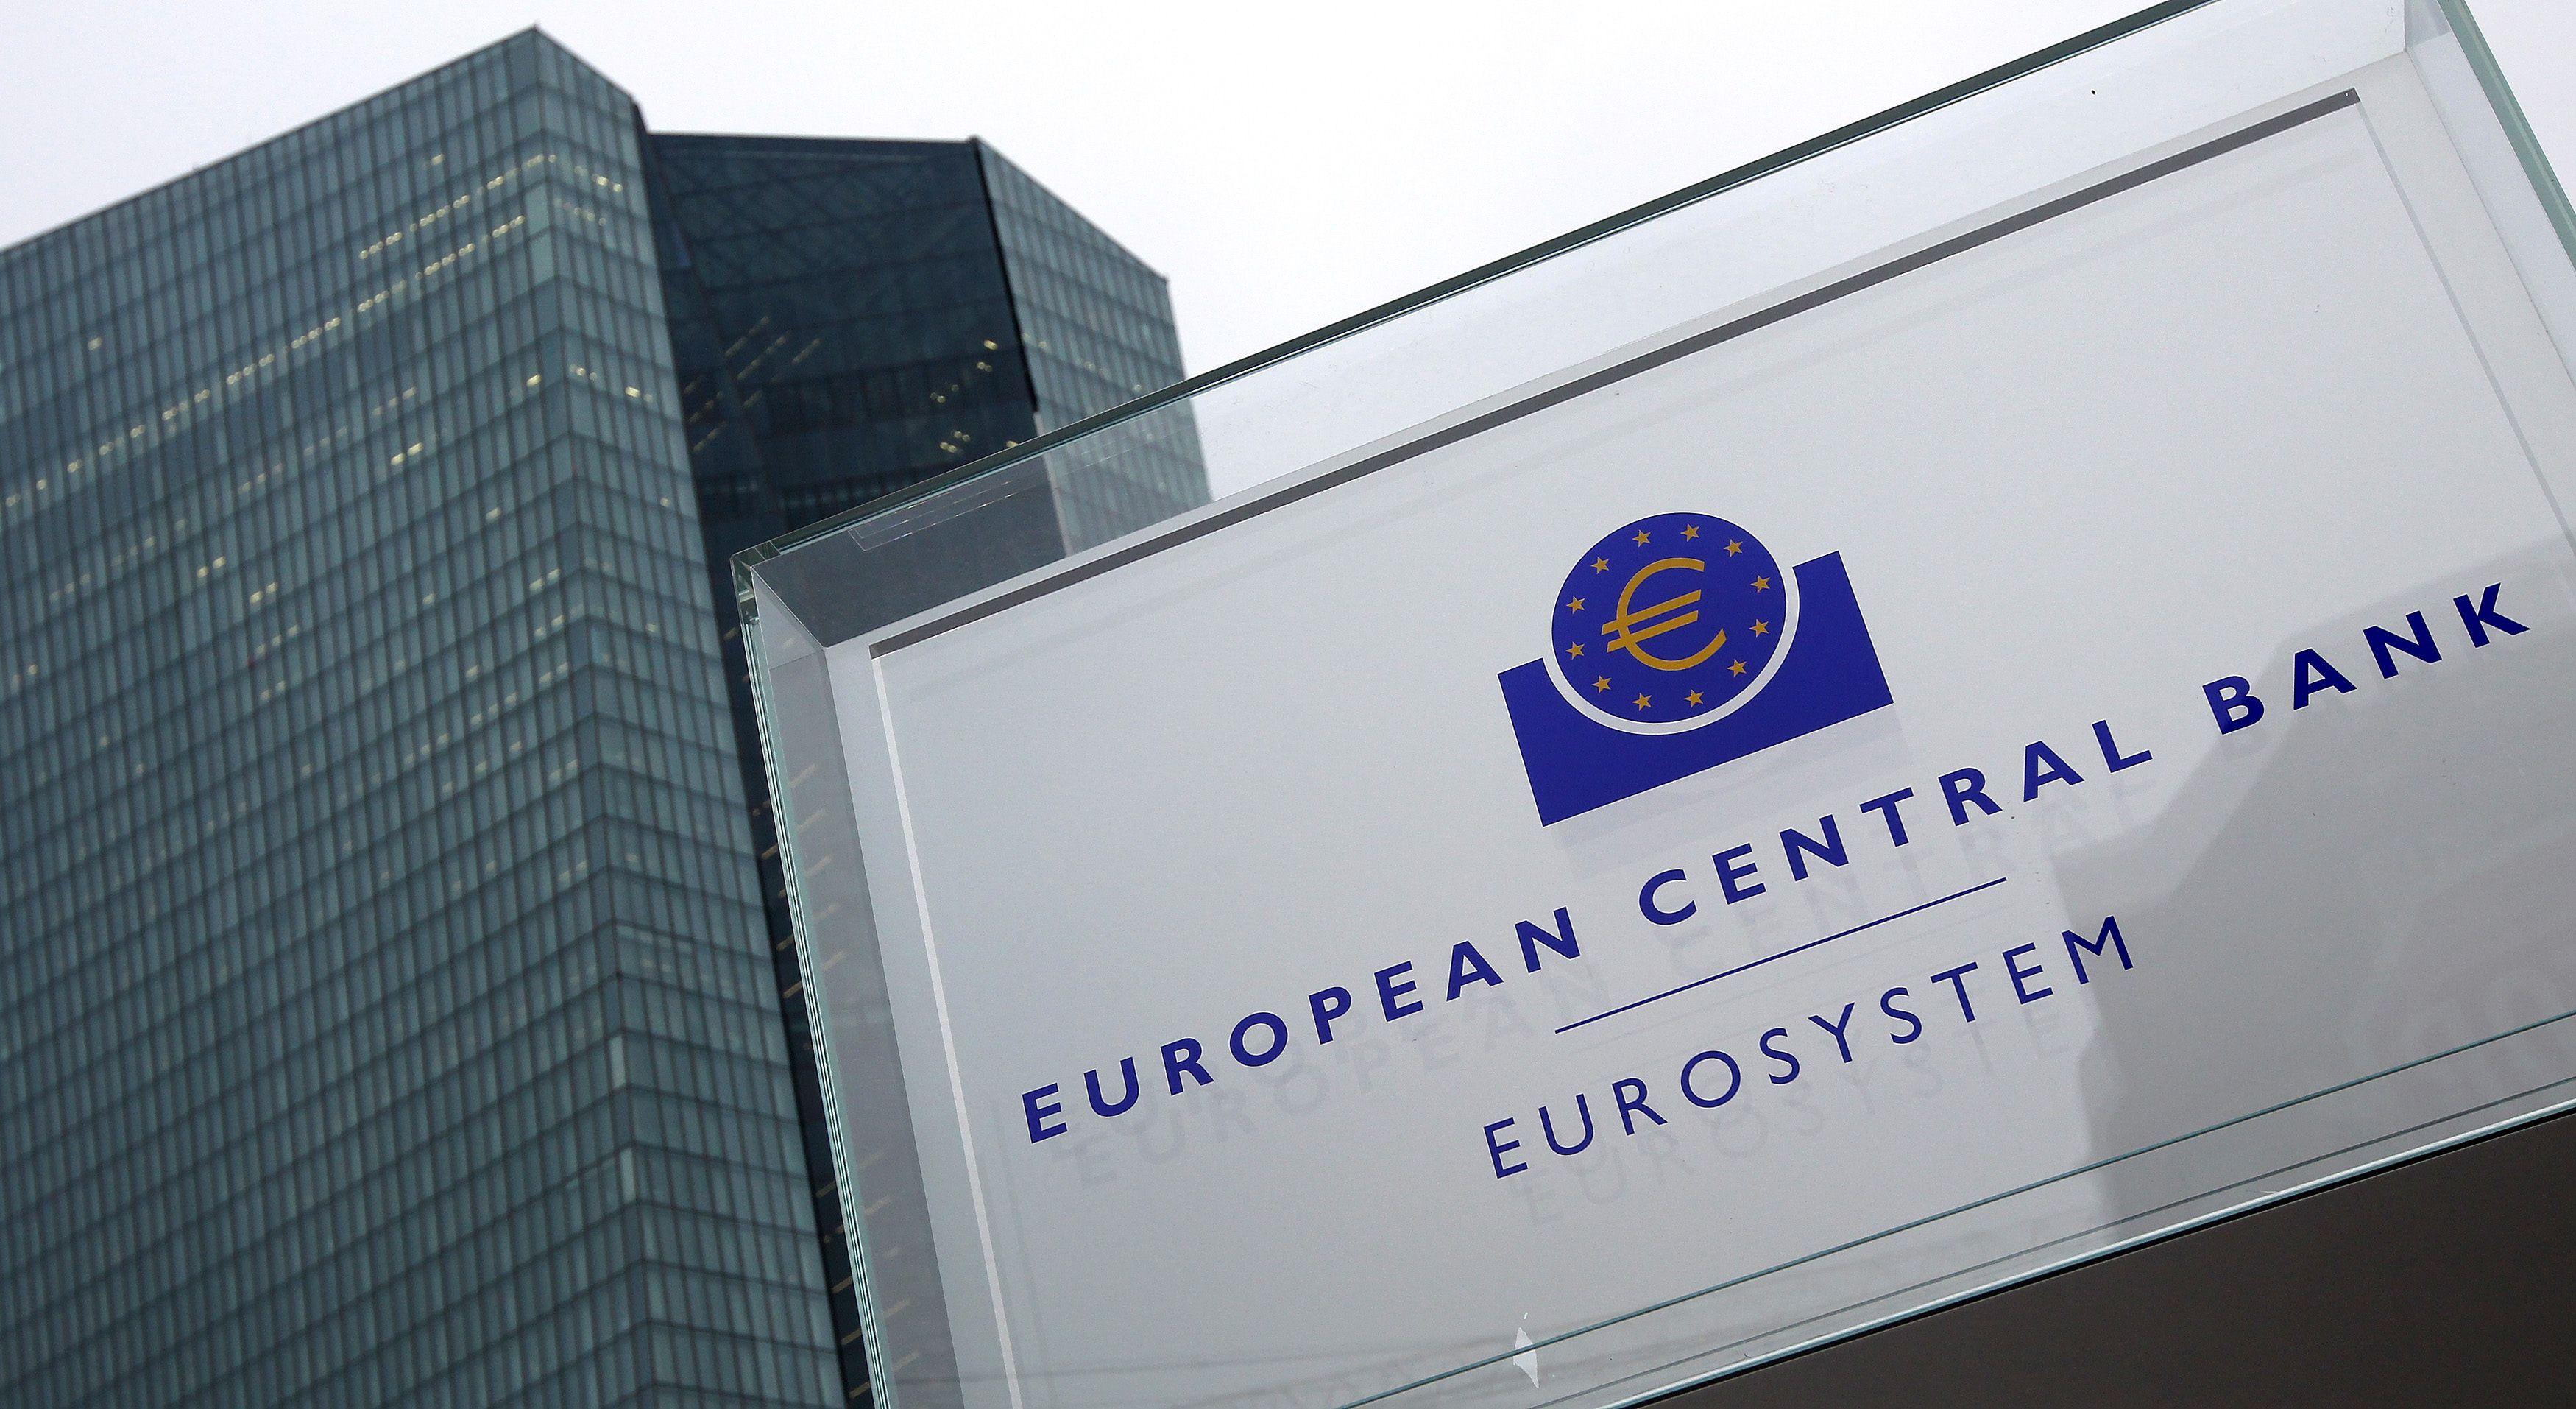 حصيلة مشتريات المركزي الأوروبي من السندات تتخطى 799 مليار يورو